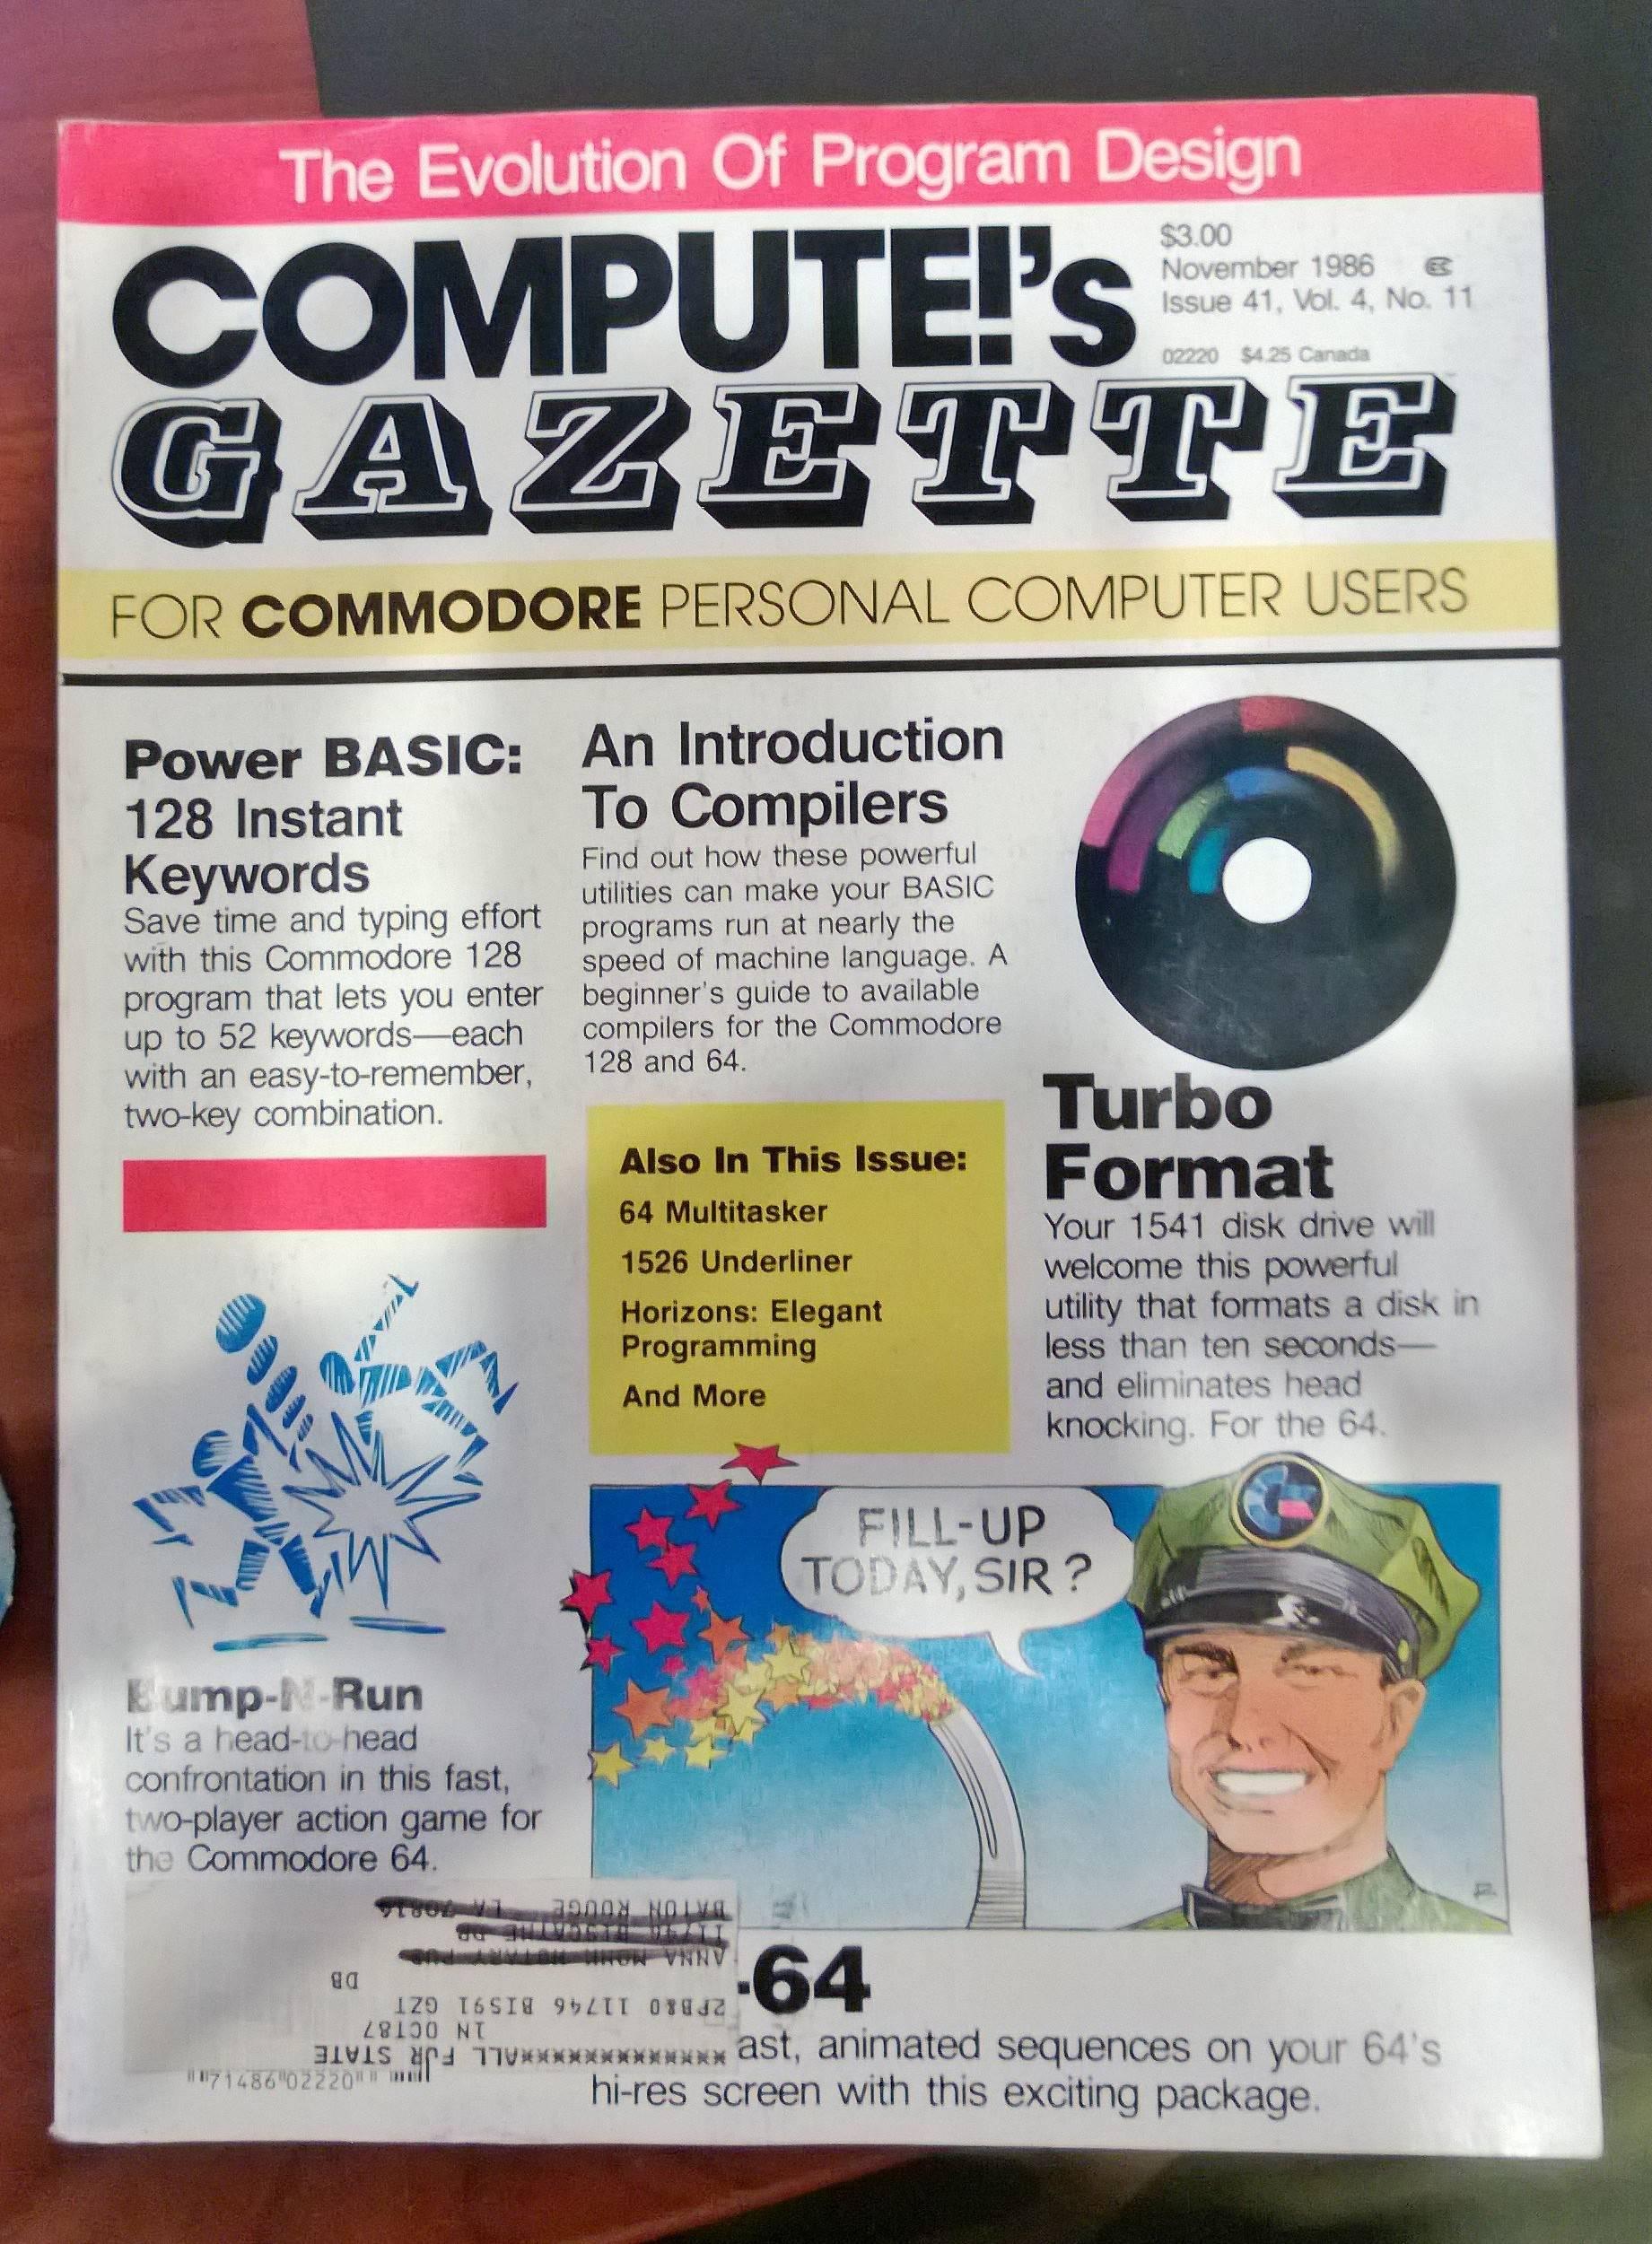 commodore_personal_computer